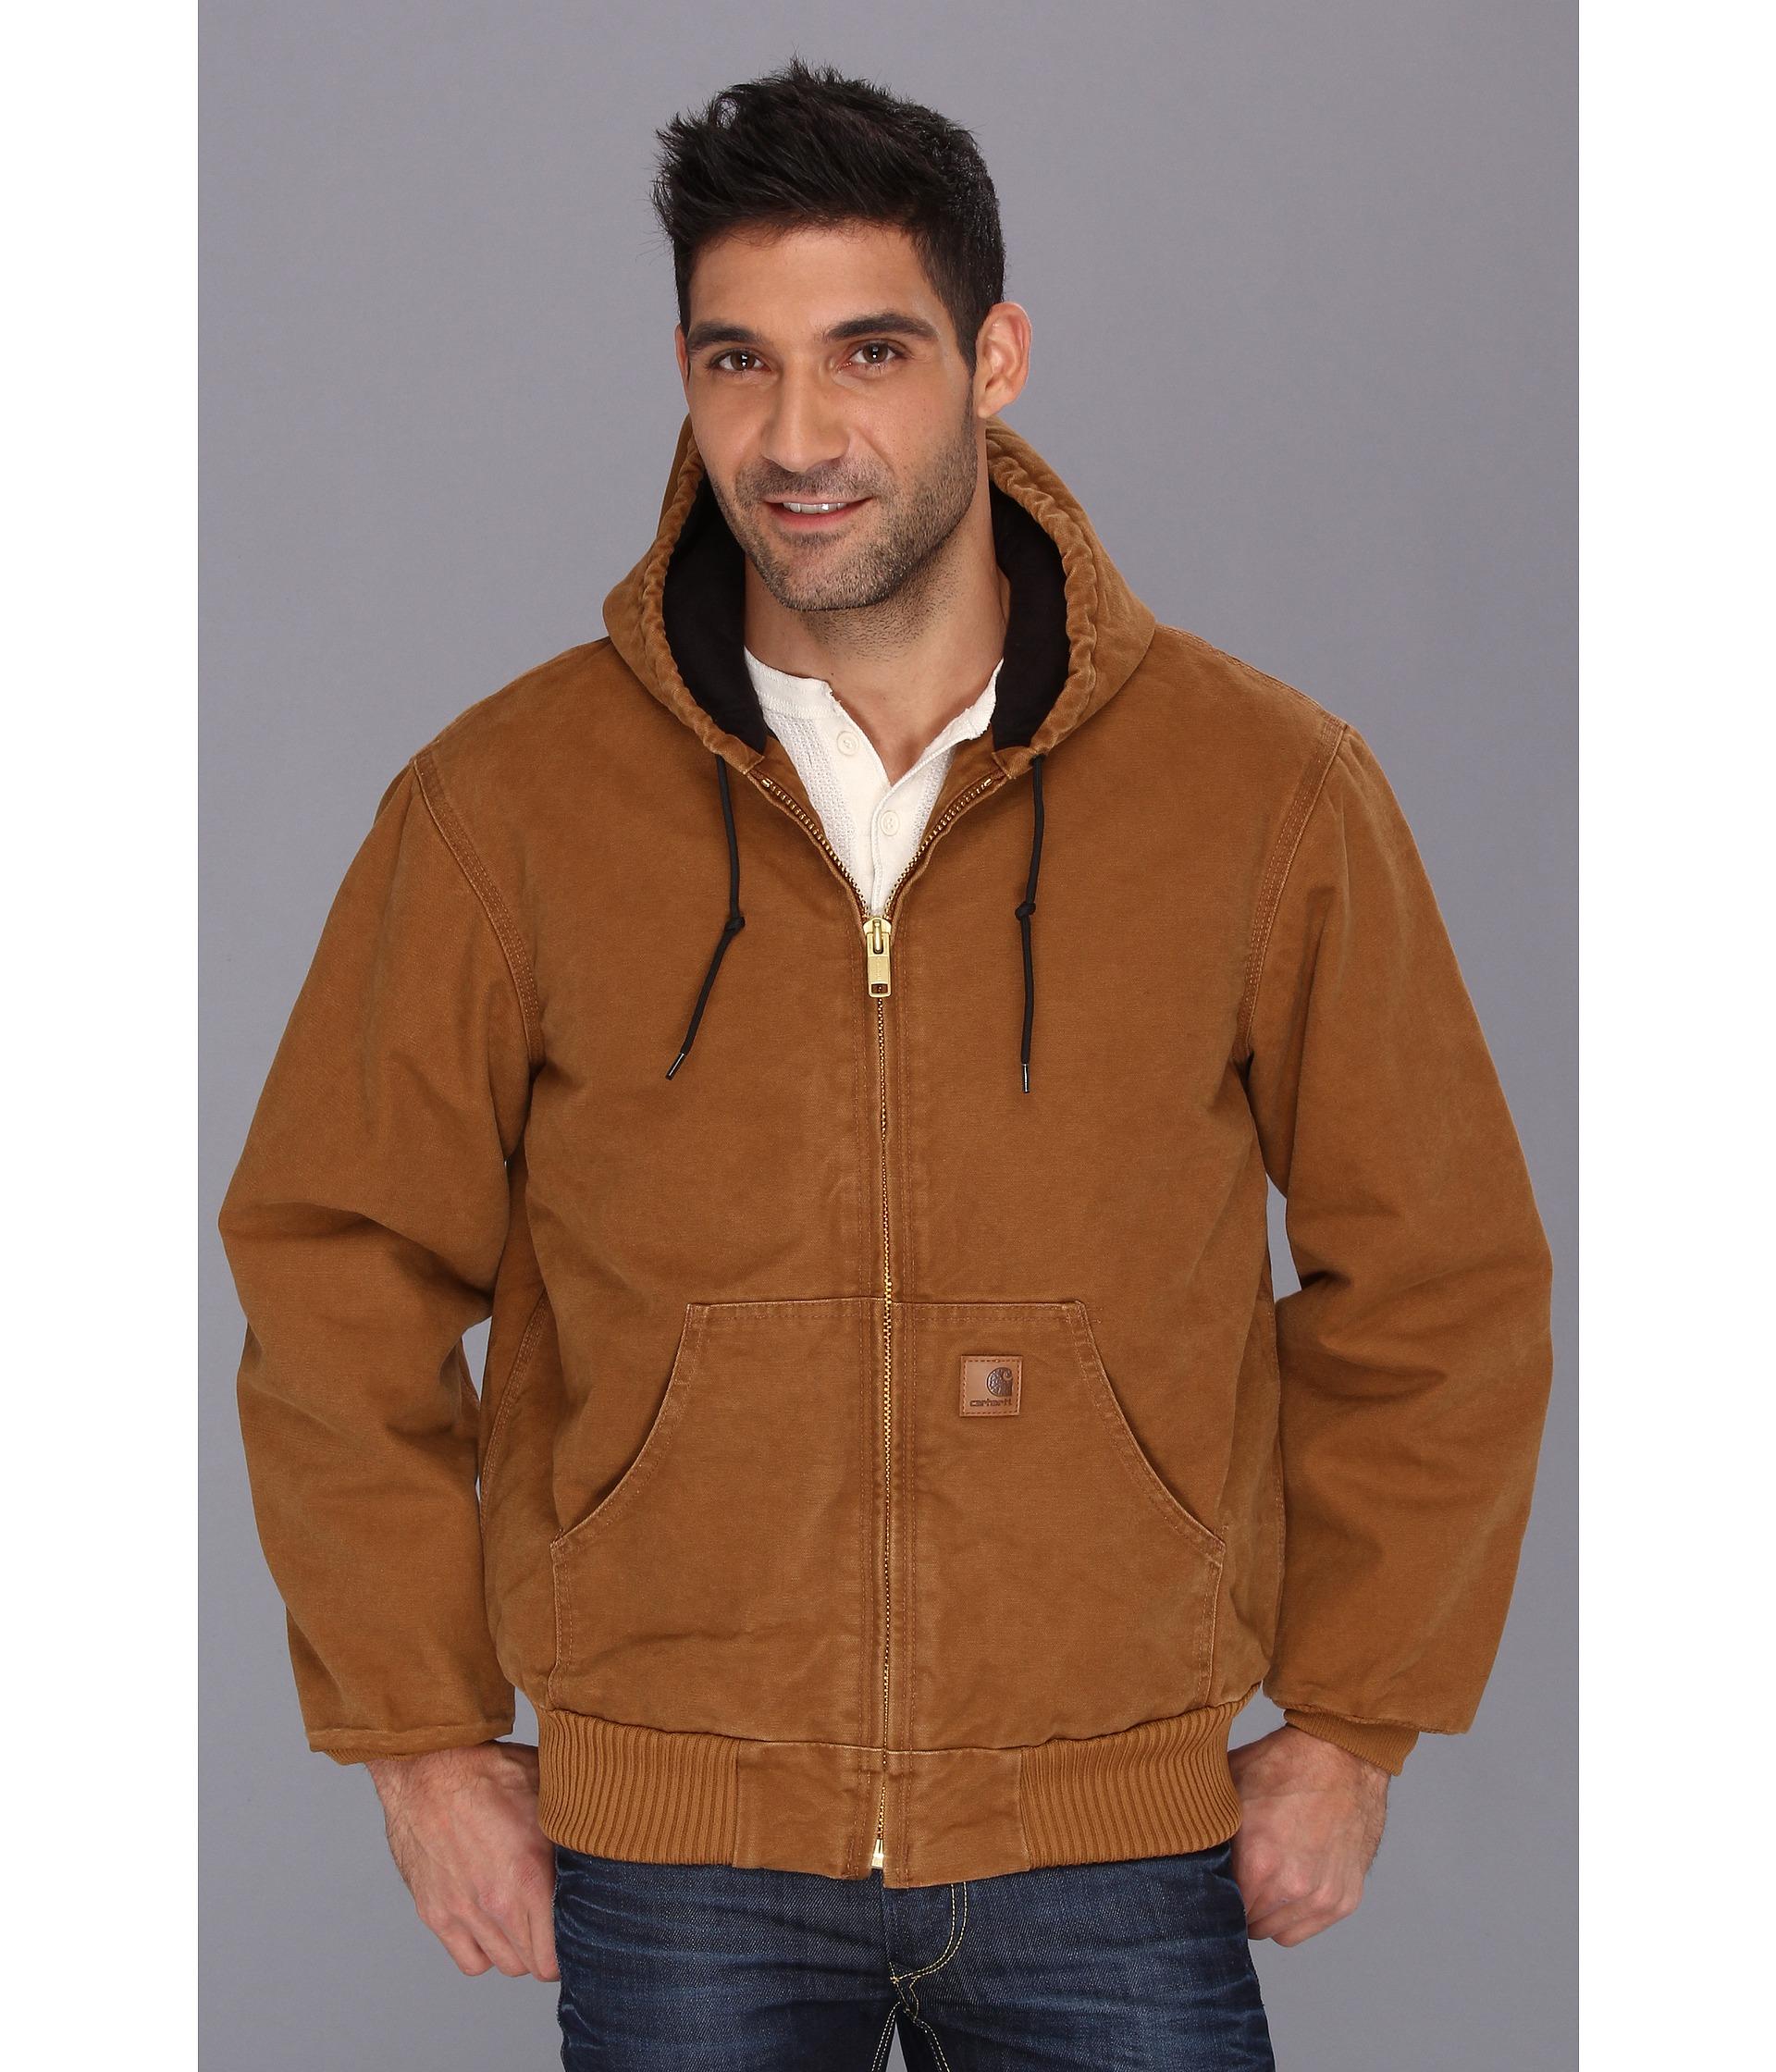 Carhartt Qfl Sandstone Active Jacket In Brown For Men Lyst